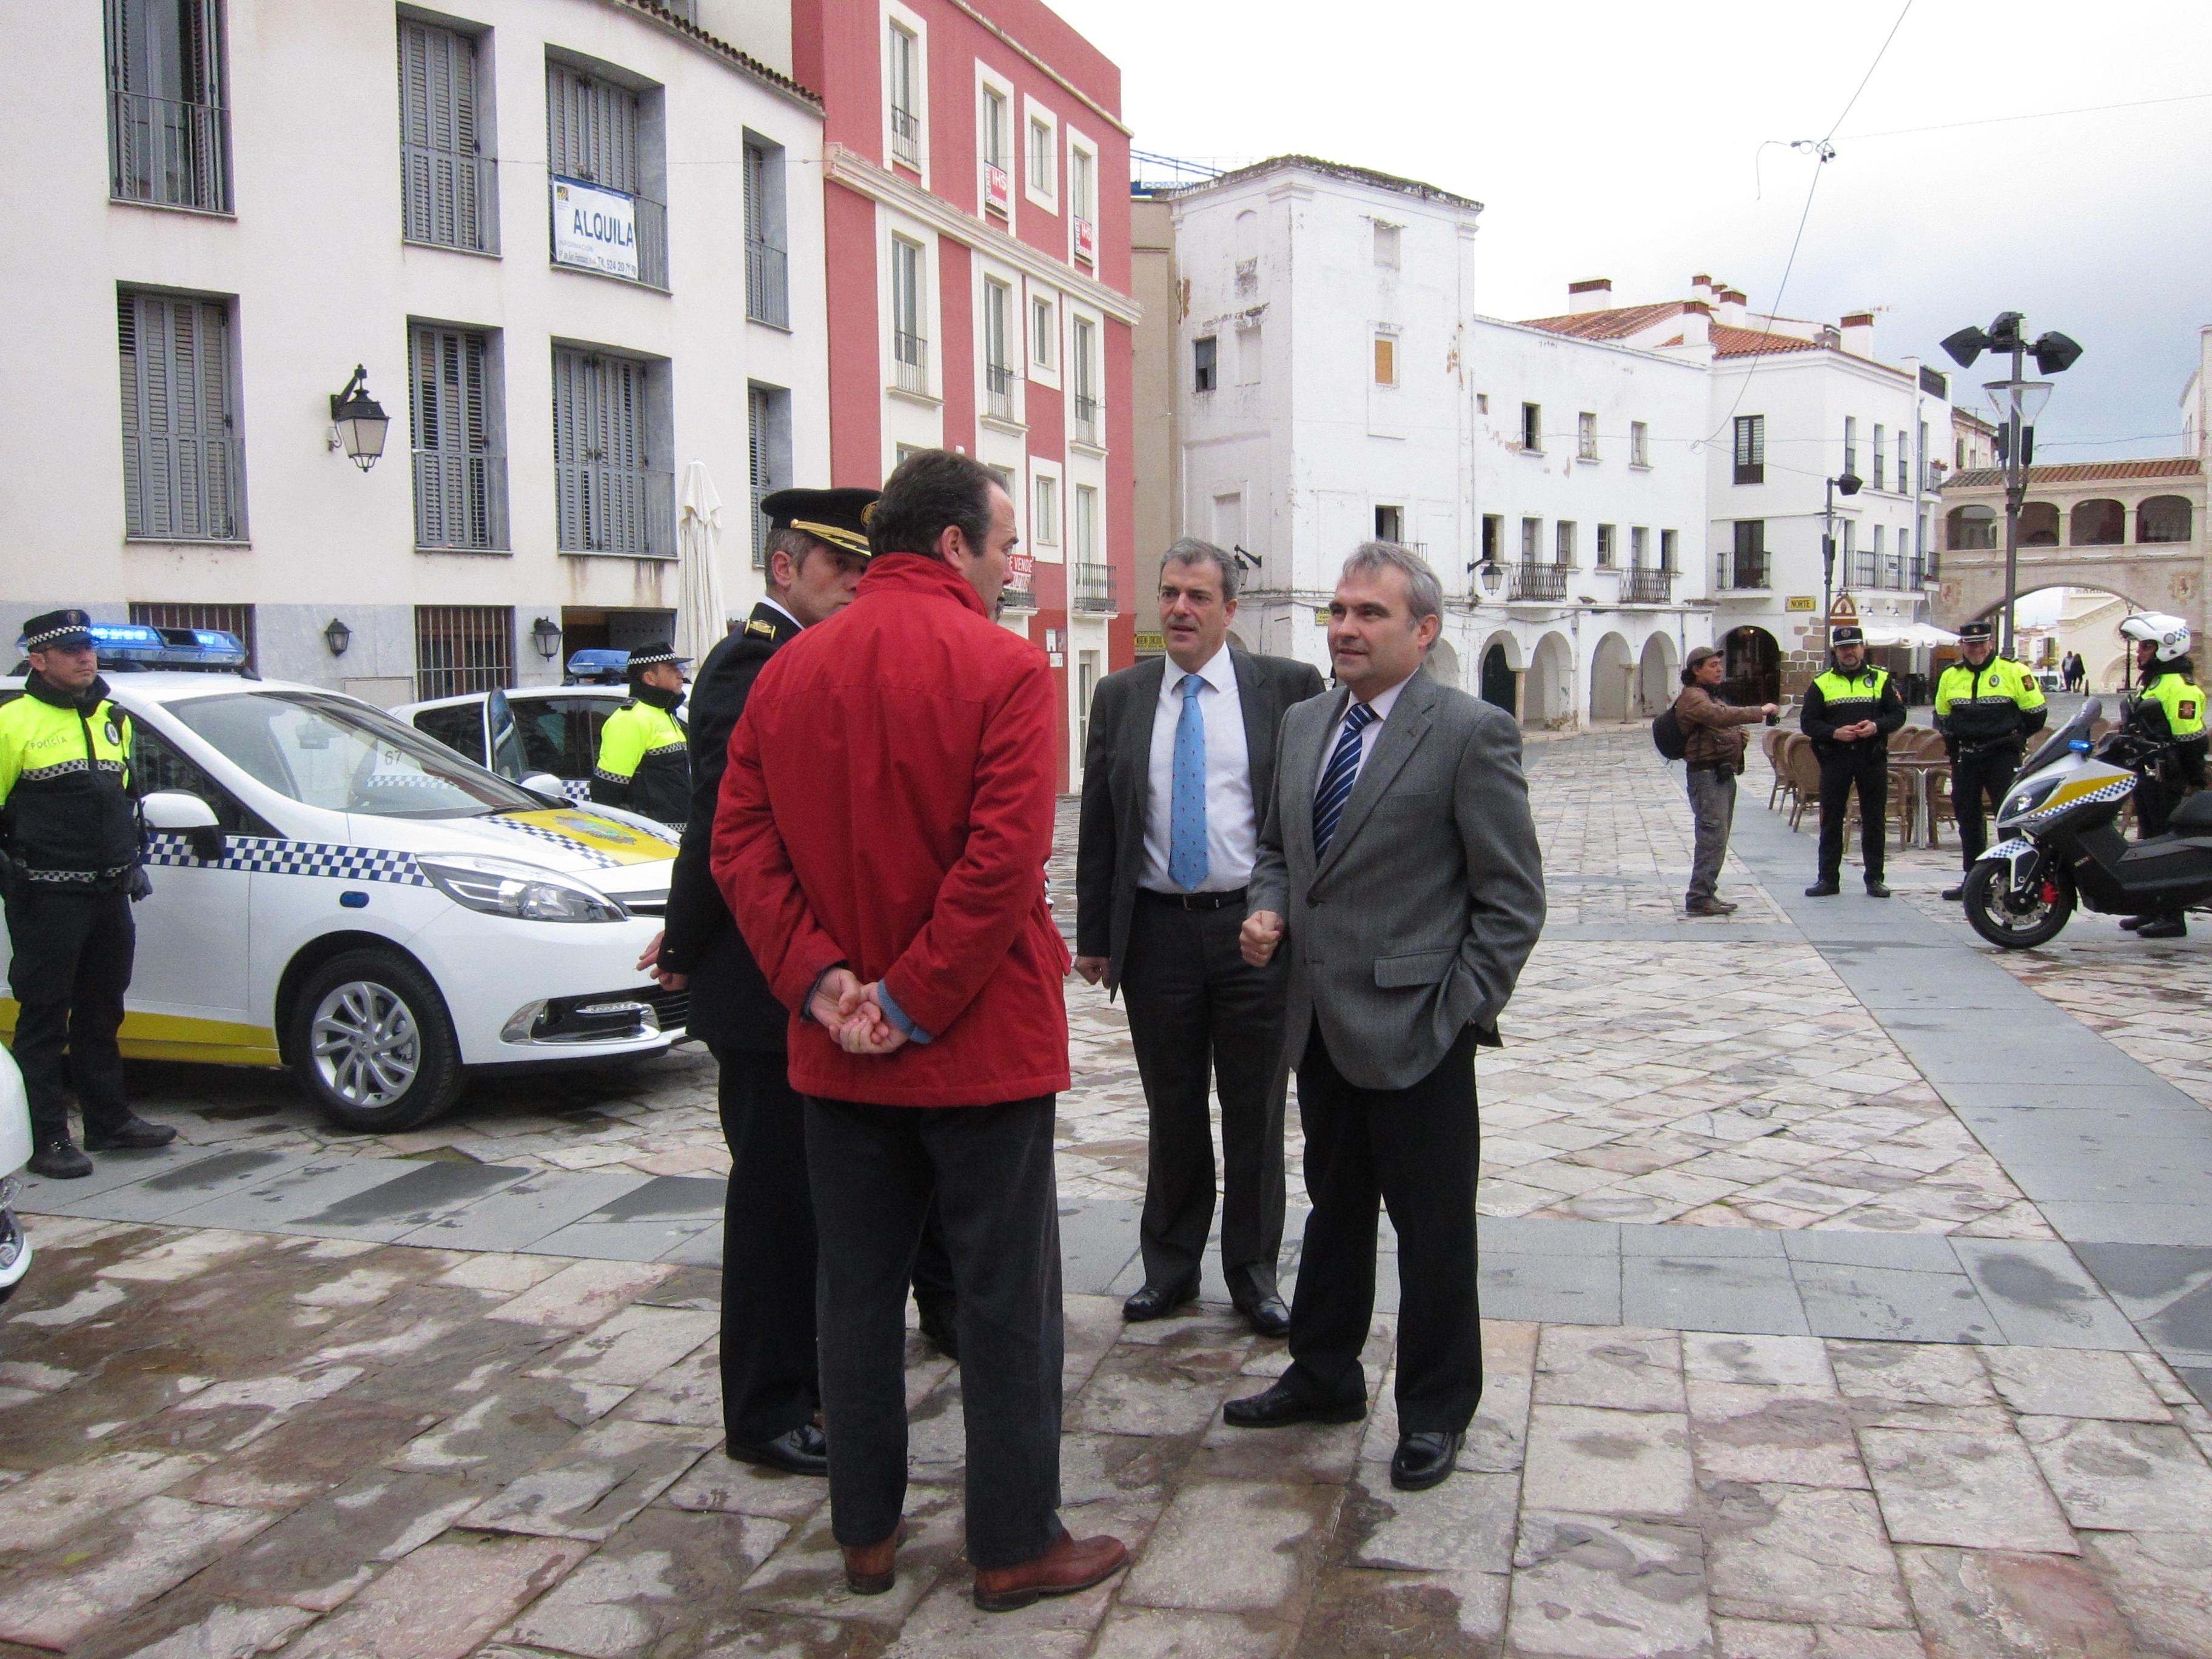 El »multacar» de la Policía Local pacense empieza a funcionar en pruebas y en un mes multará los aparcamientos indebidos